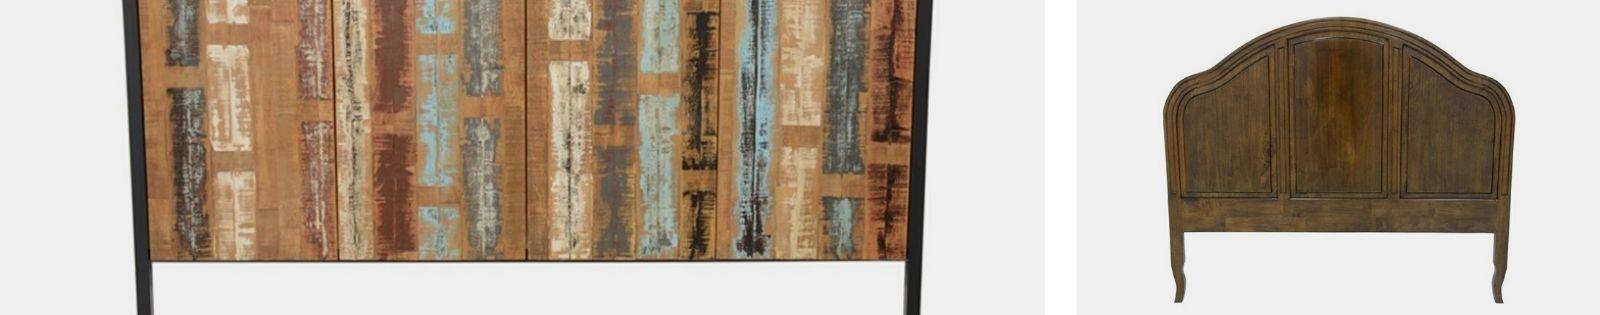 Tête de lit en bois massif : meubles haut de gamme en hévéa...